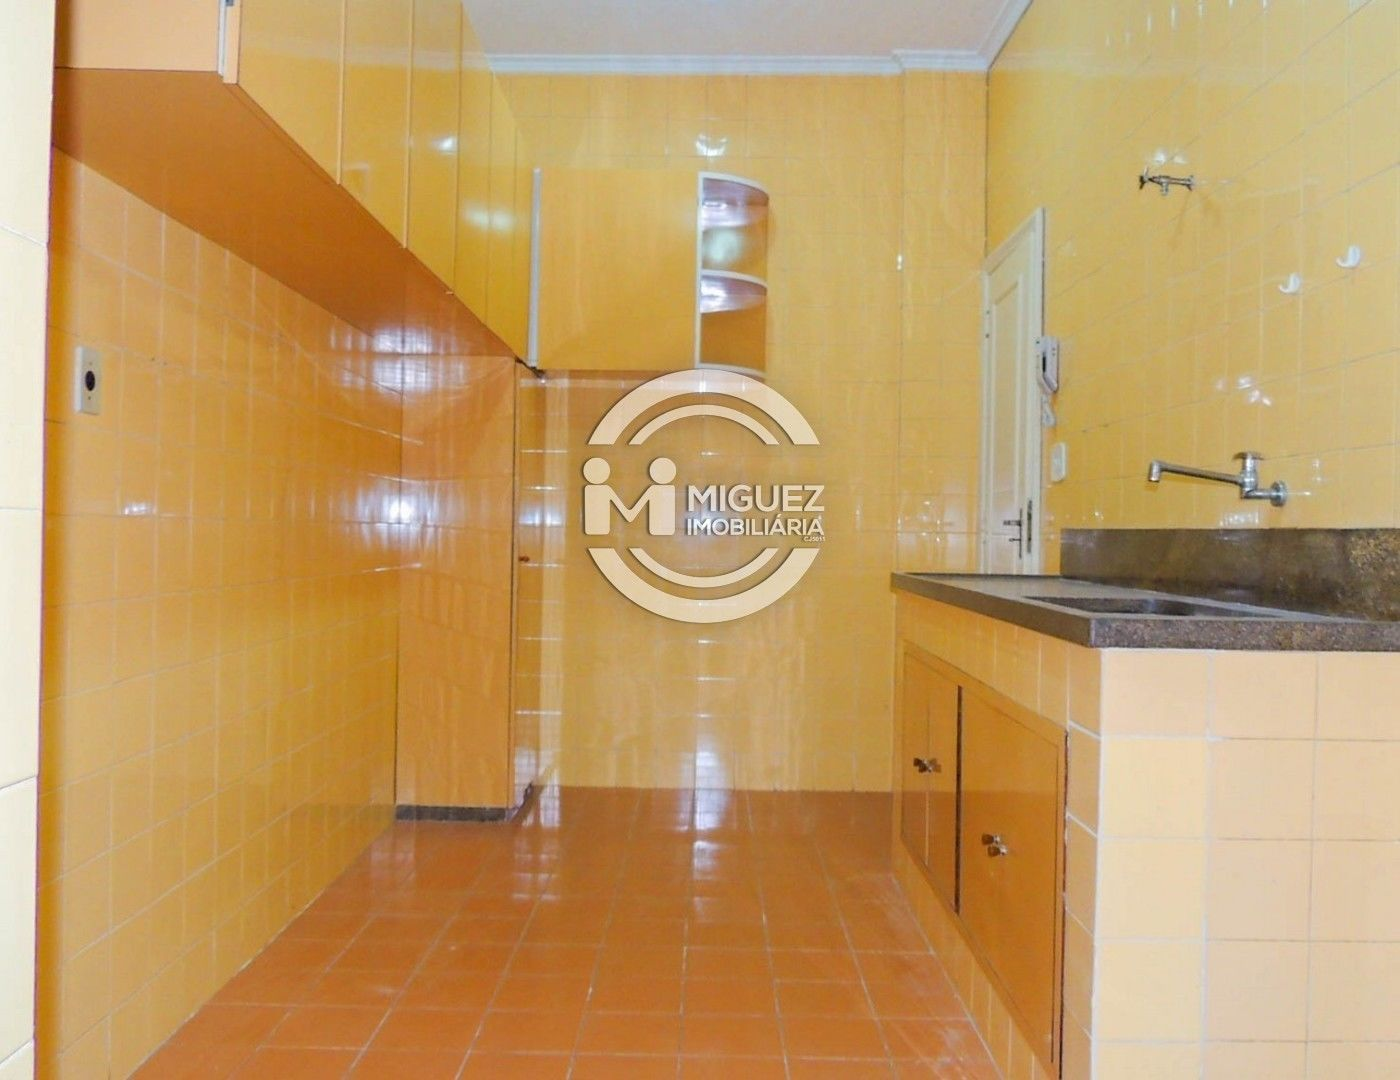 Apartamento, venda, Rua Desembargador Isidro - Tijuca , Rio de janeiro